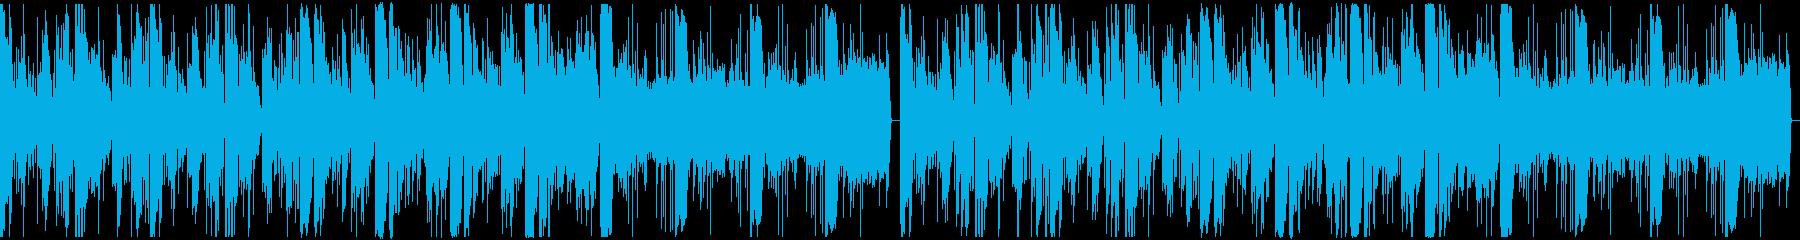 可愛くて怪しげなエレクトロBGMの再生済みの波形